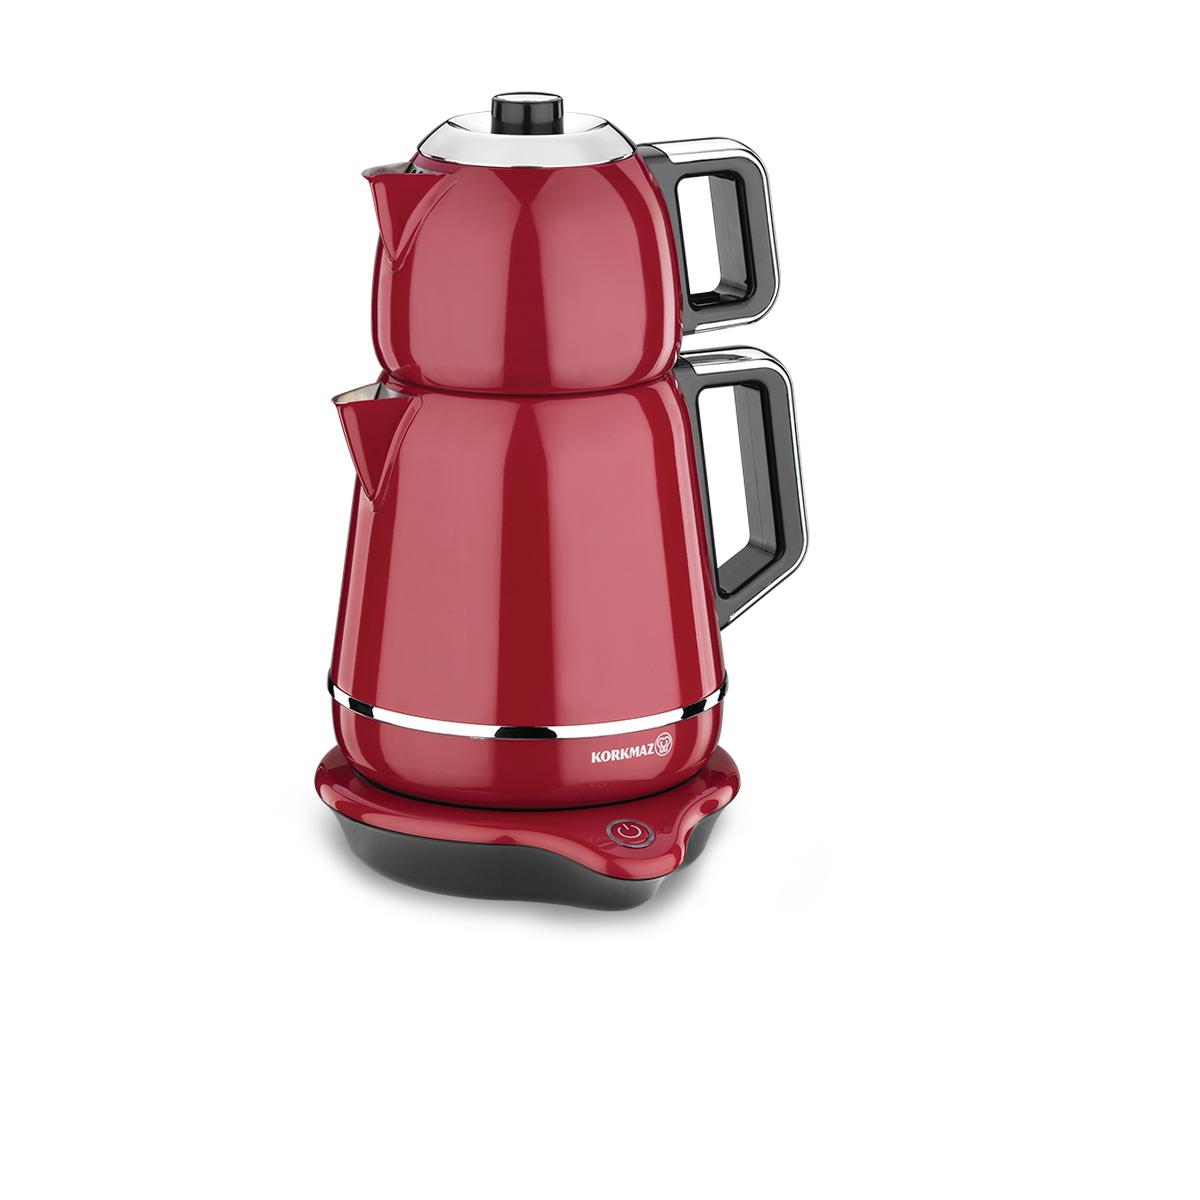 Korkmaz Demiks Kırmızı/Krom Elektrikli Çaydanlık